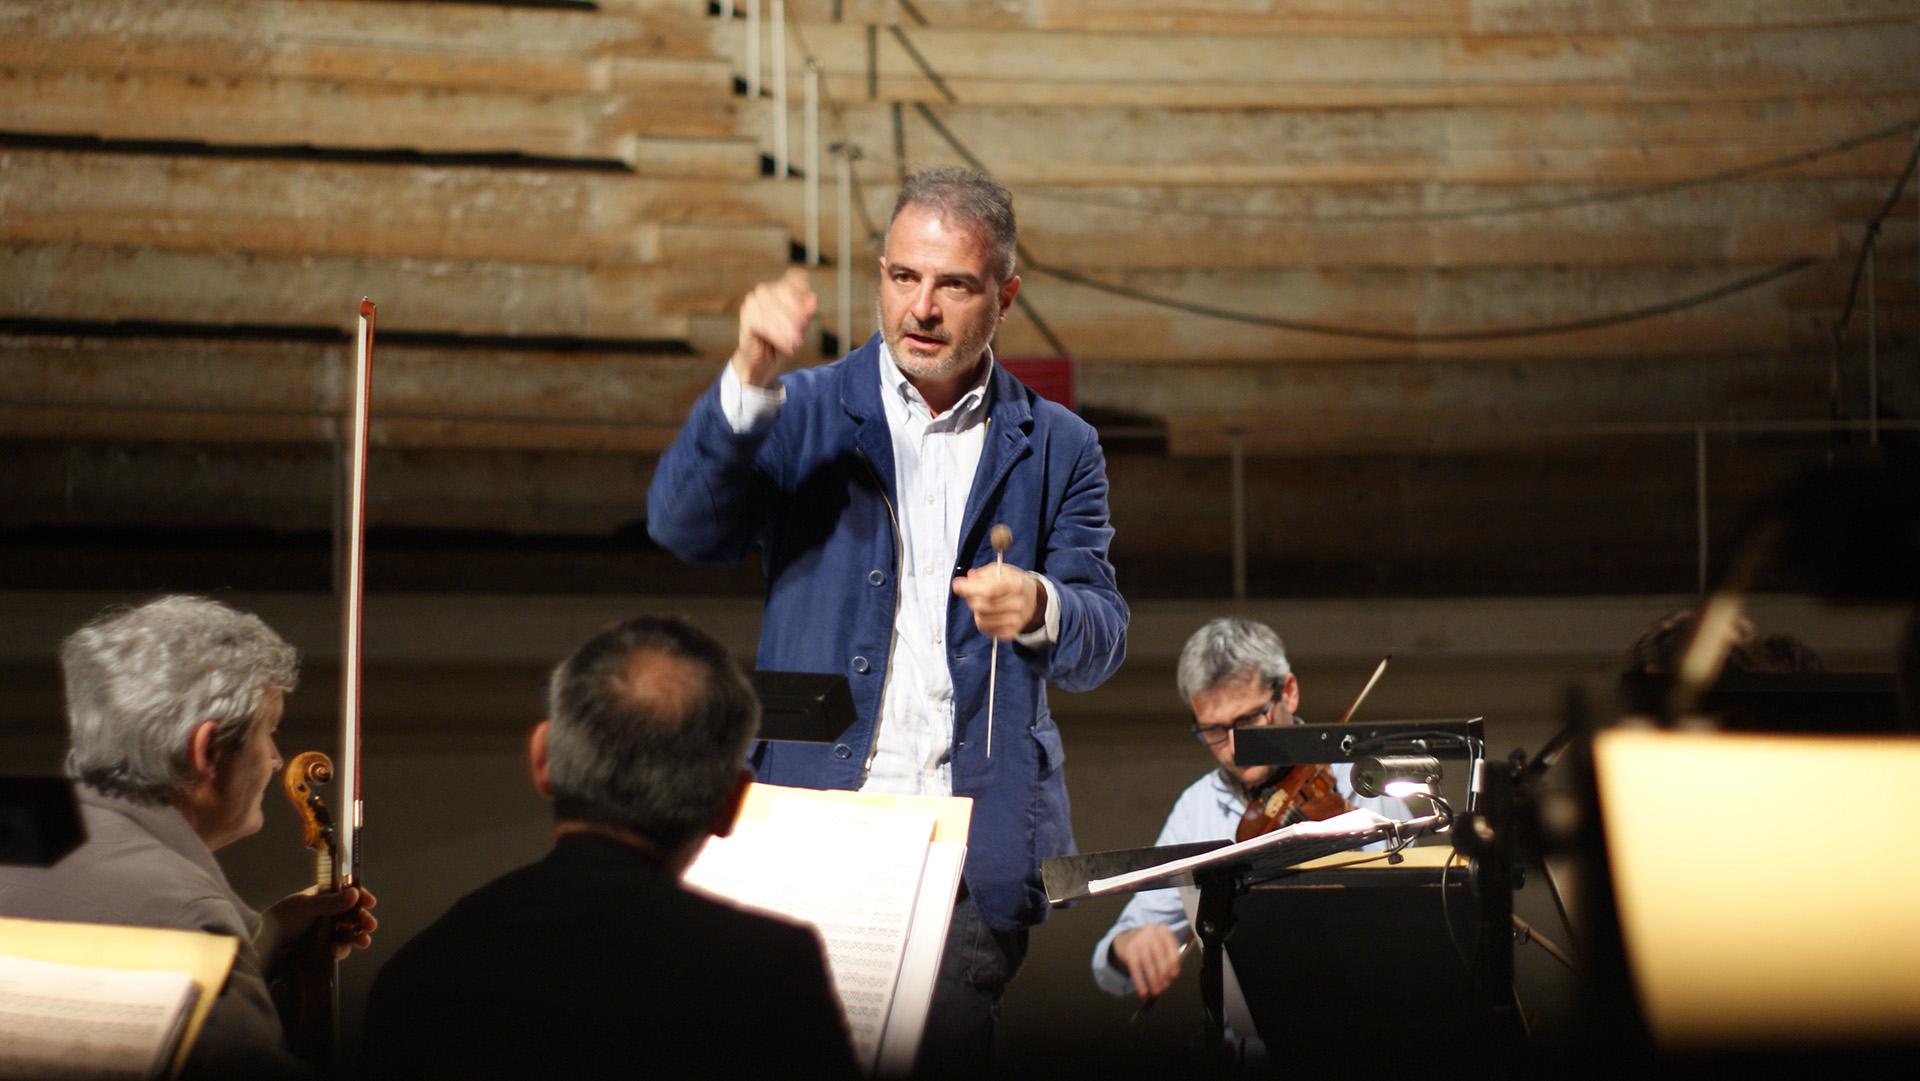 Direttore D'orchestra - Prove / Orchestra Conductor - Rehearsals